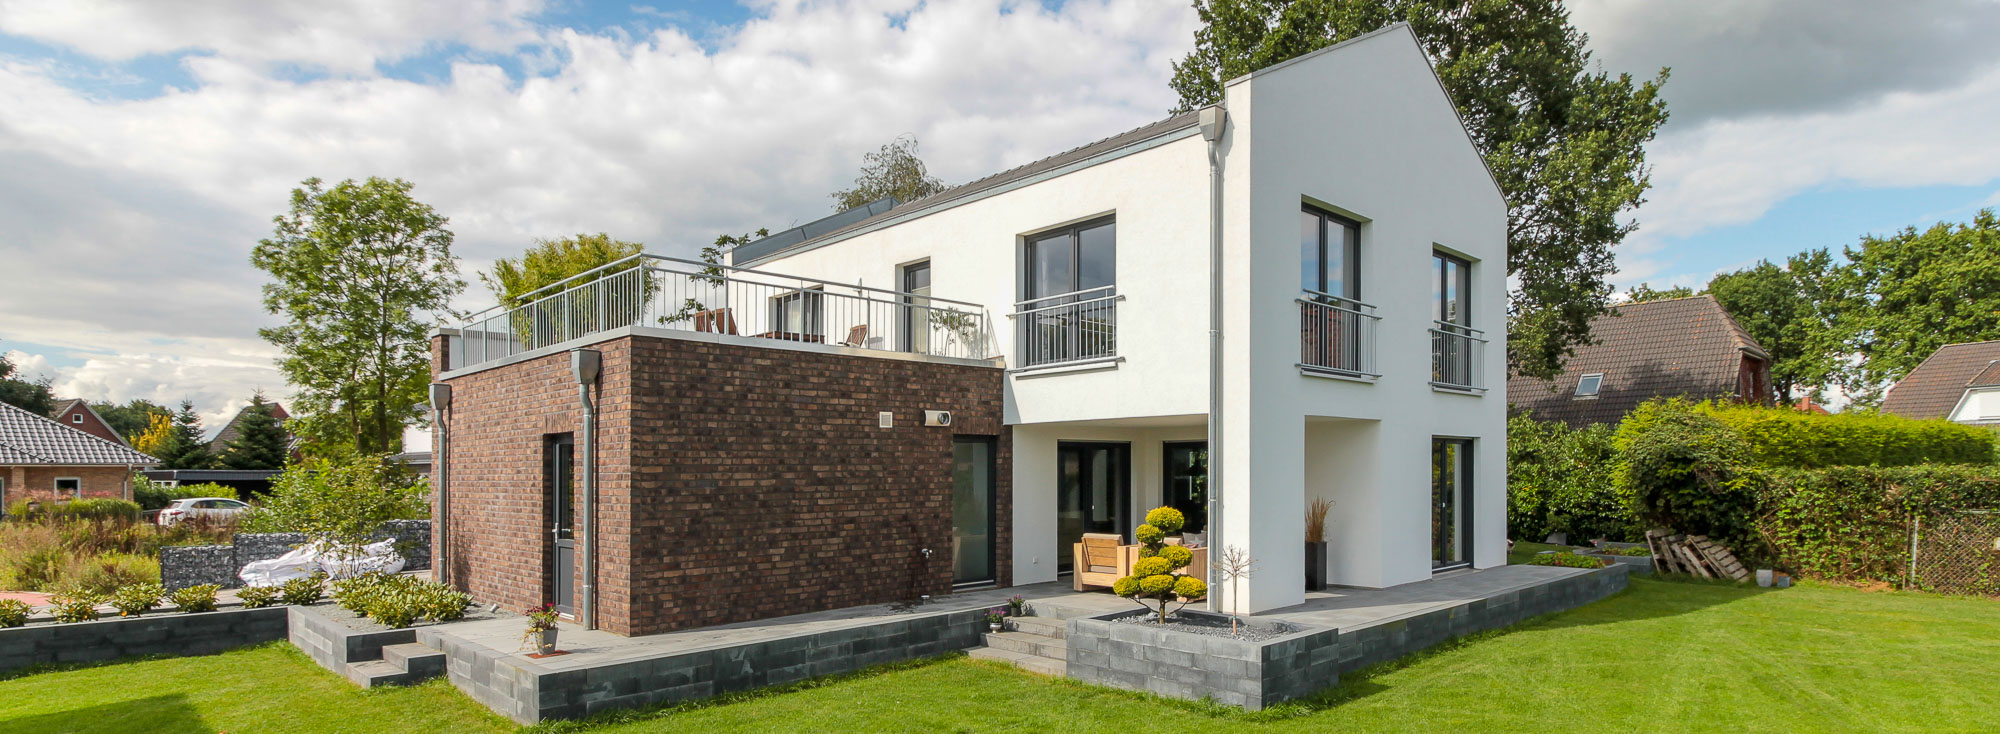 Bauhaus modern classic unsere h user im bauhausstil for Bauhaus bauen